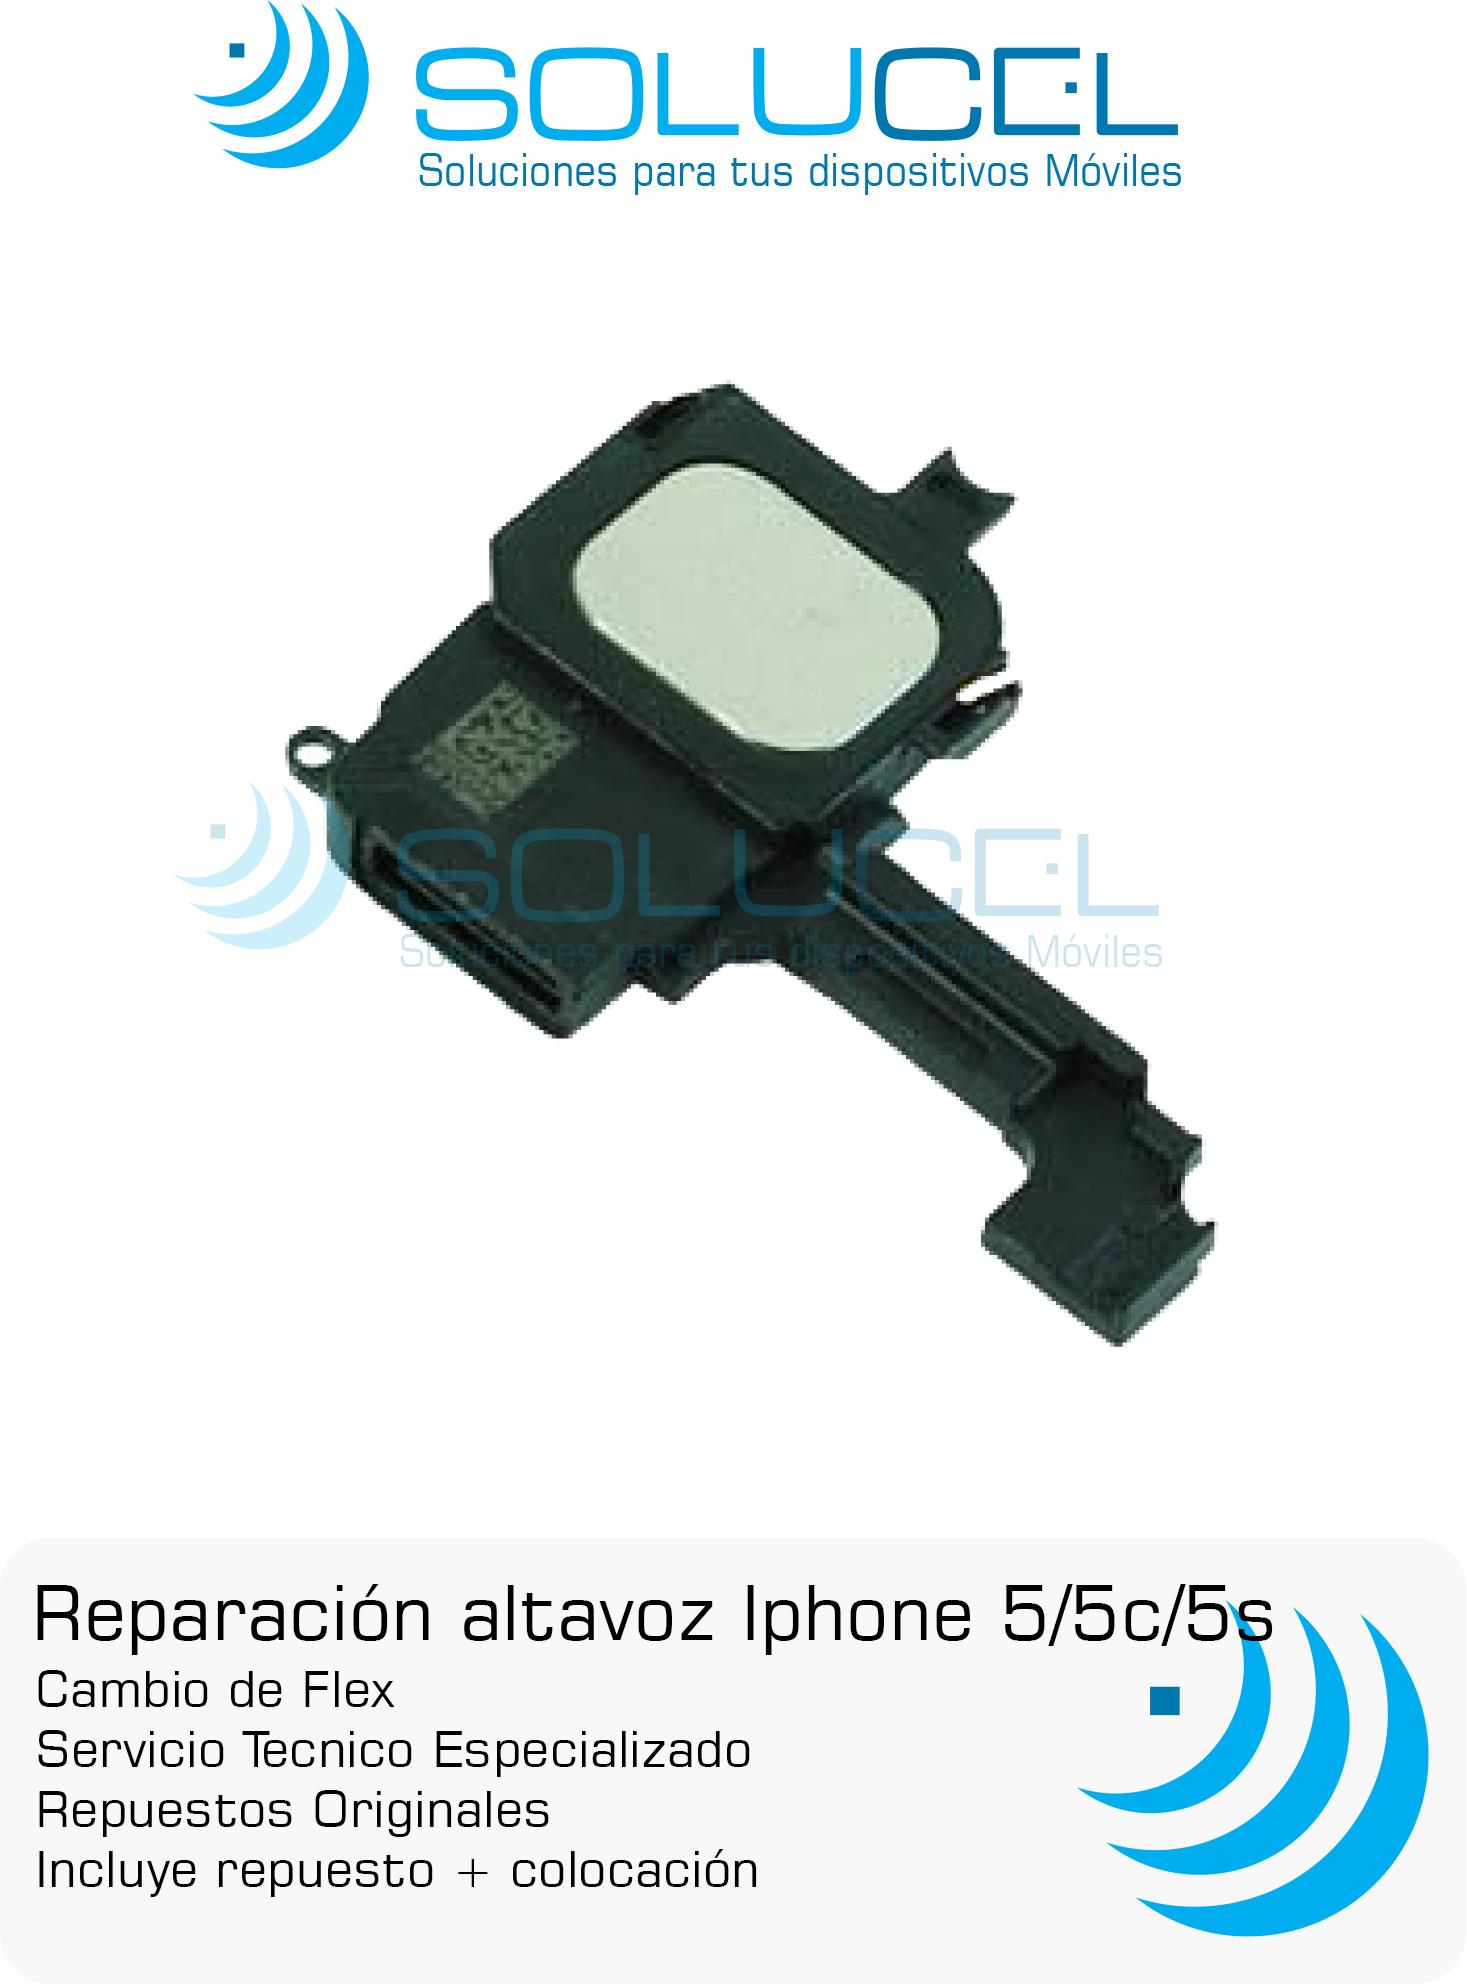 flex_altavoz iphone5